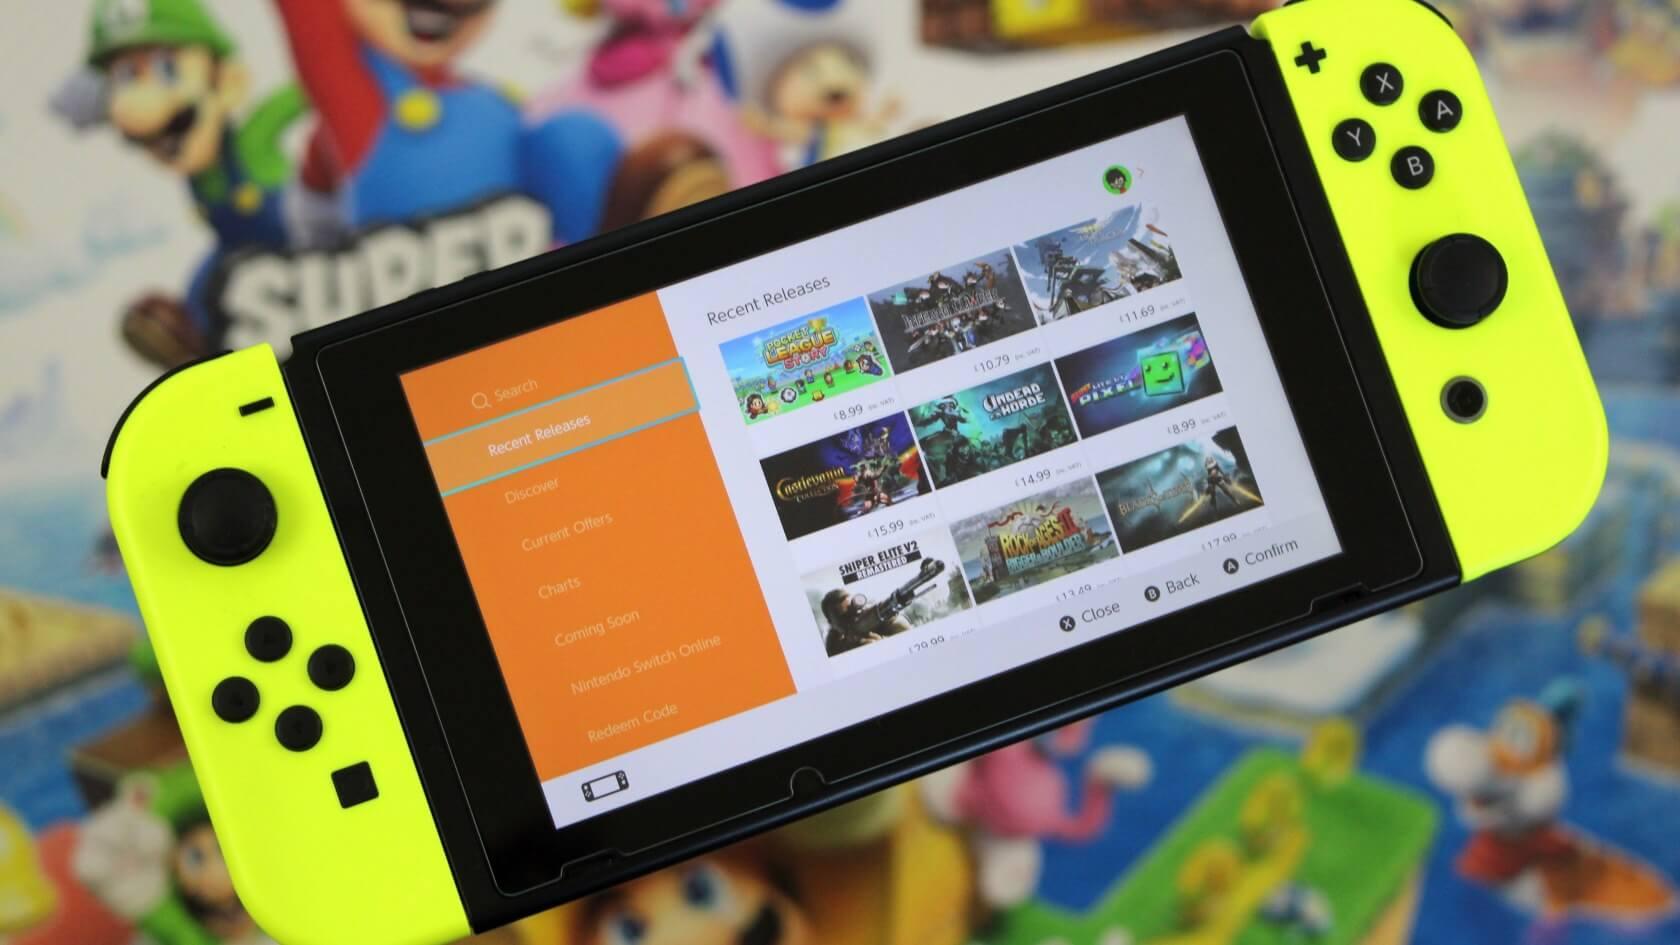 Tòa án châu Âu: Nintendo không phải hoàn tiền cho các đơn đặt hàng trước kỹ thuật số 2